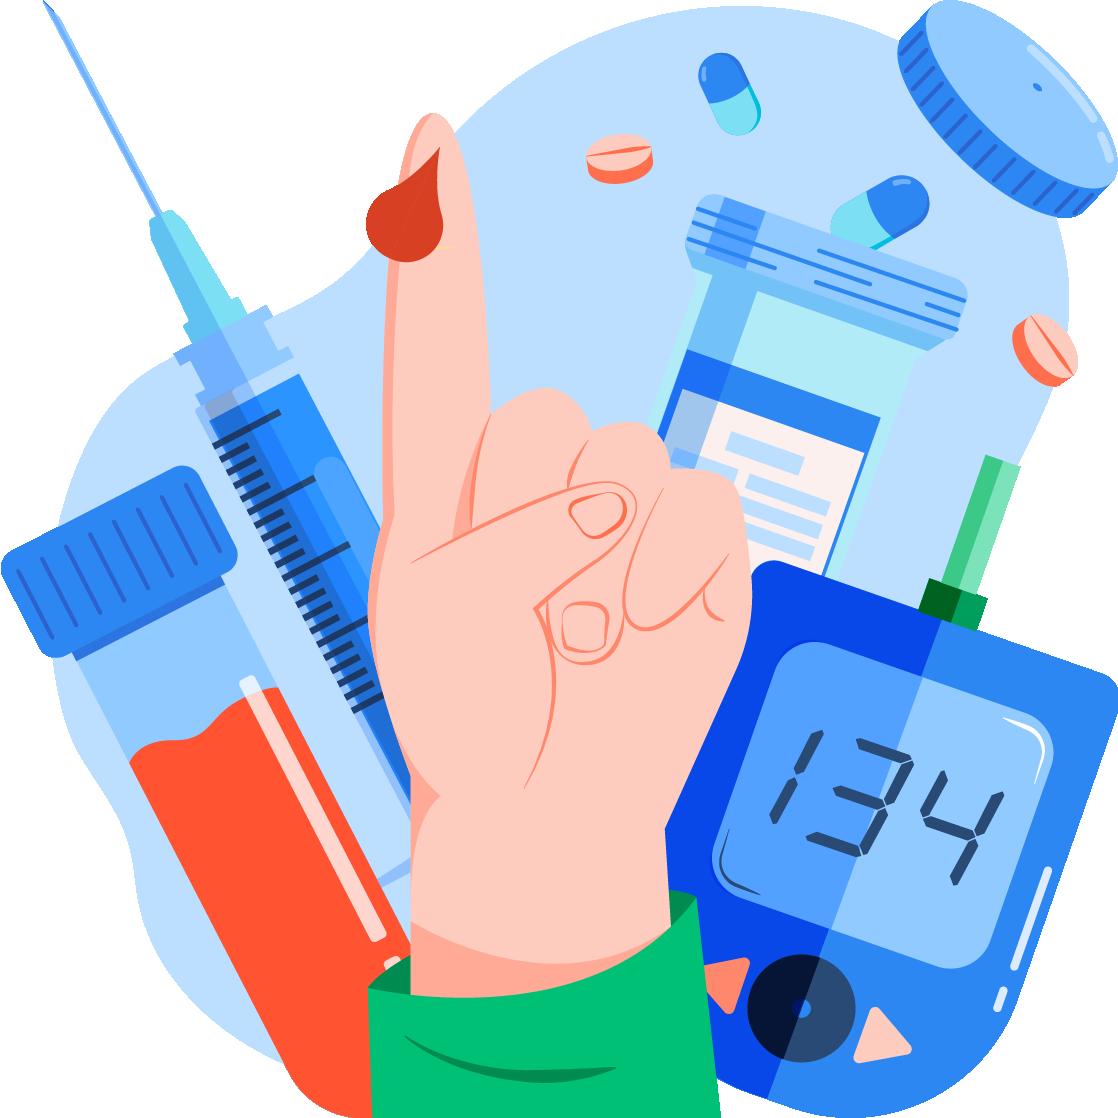 Hendak tahu jika anda berisiko mendapat diabetes? Periksa risiko pradiabetes di sini!